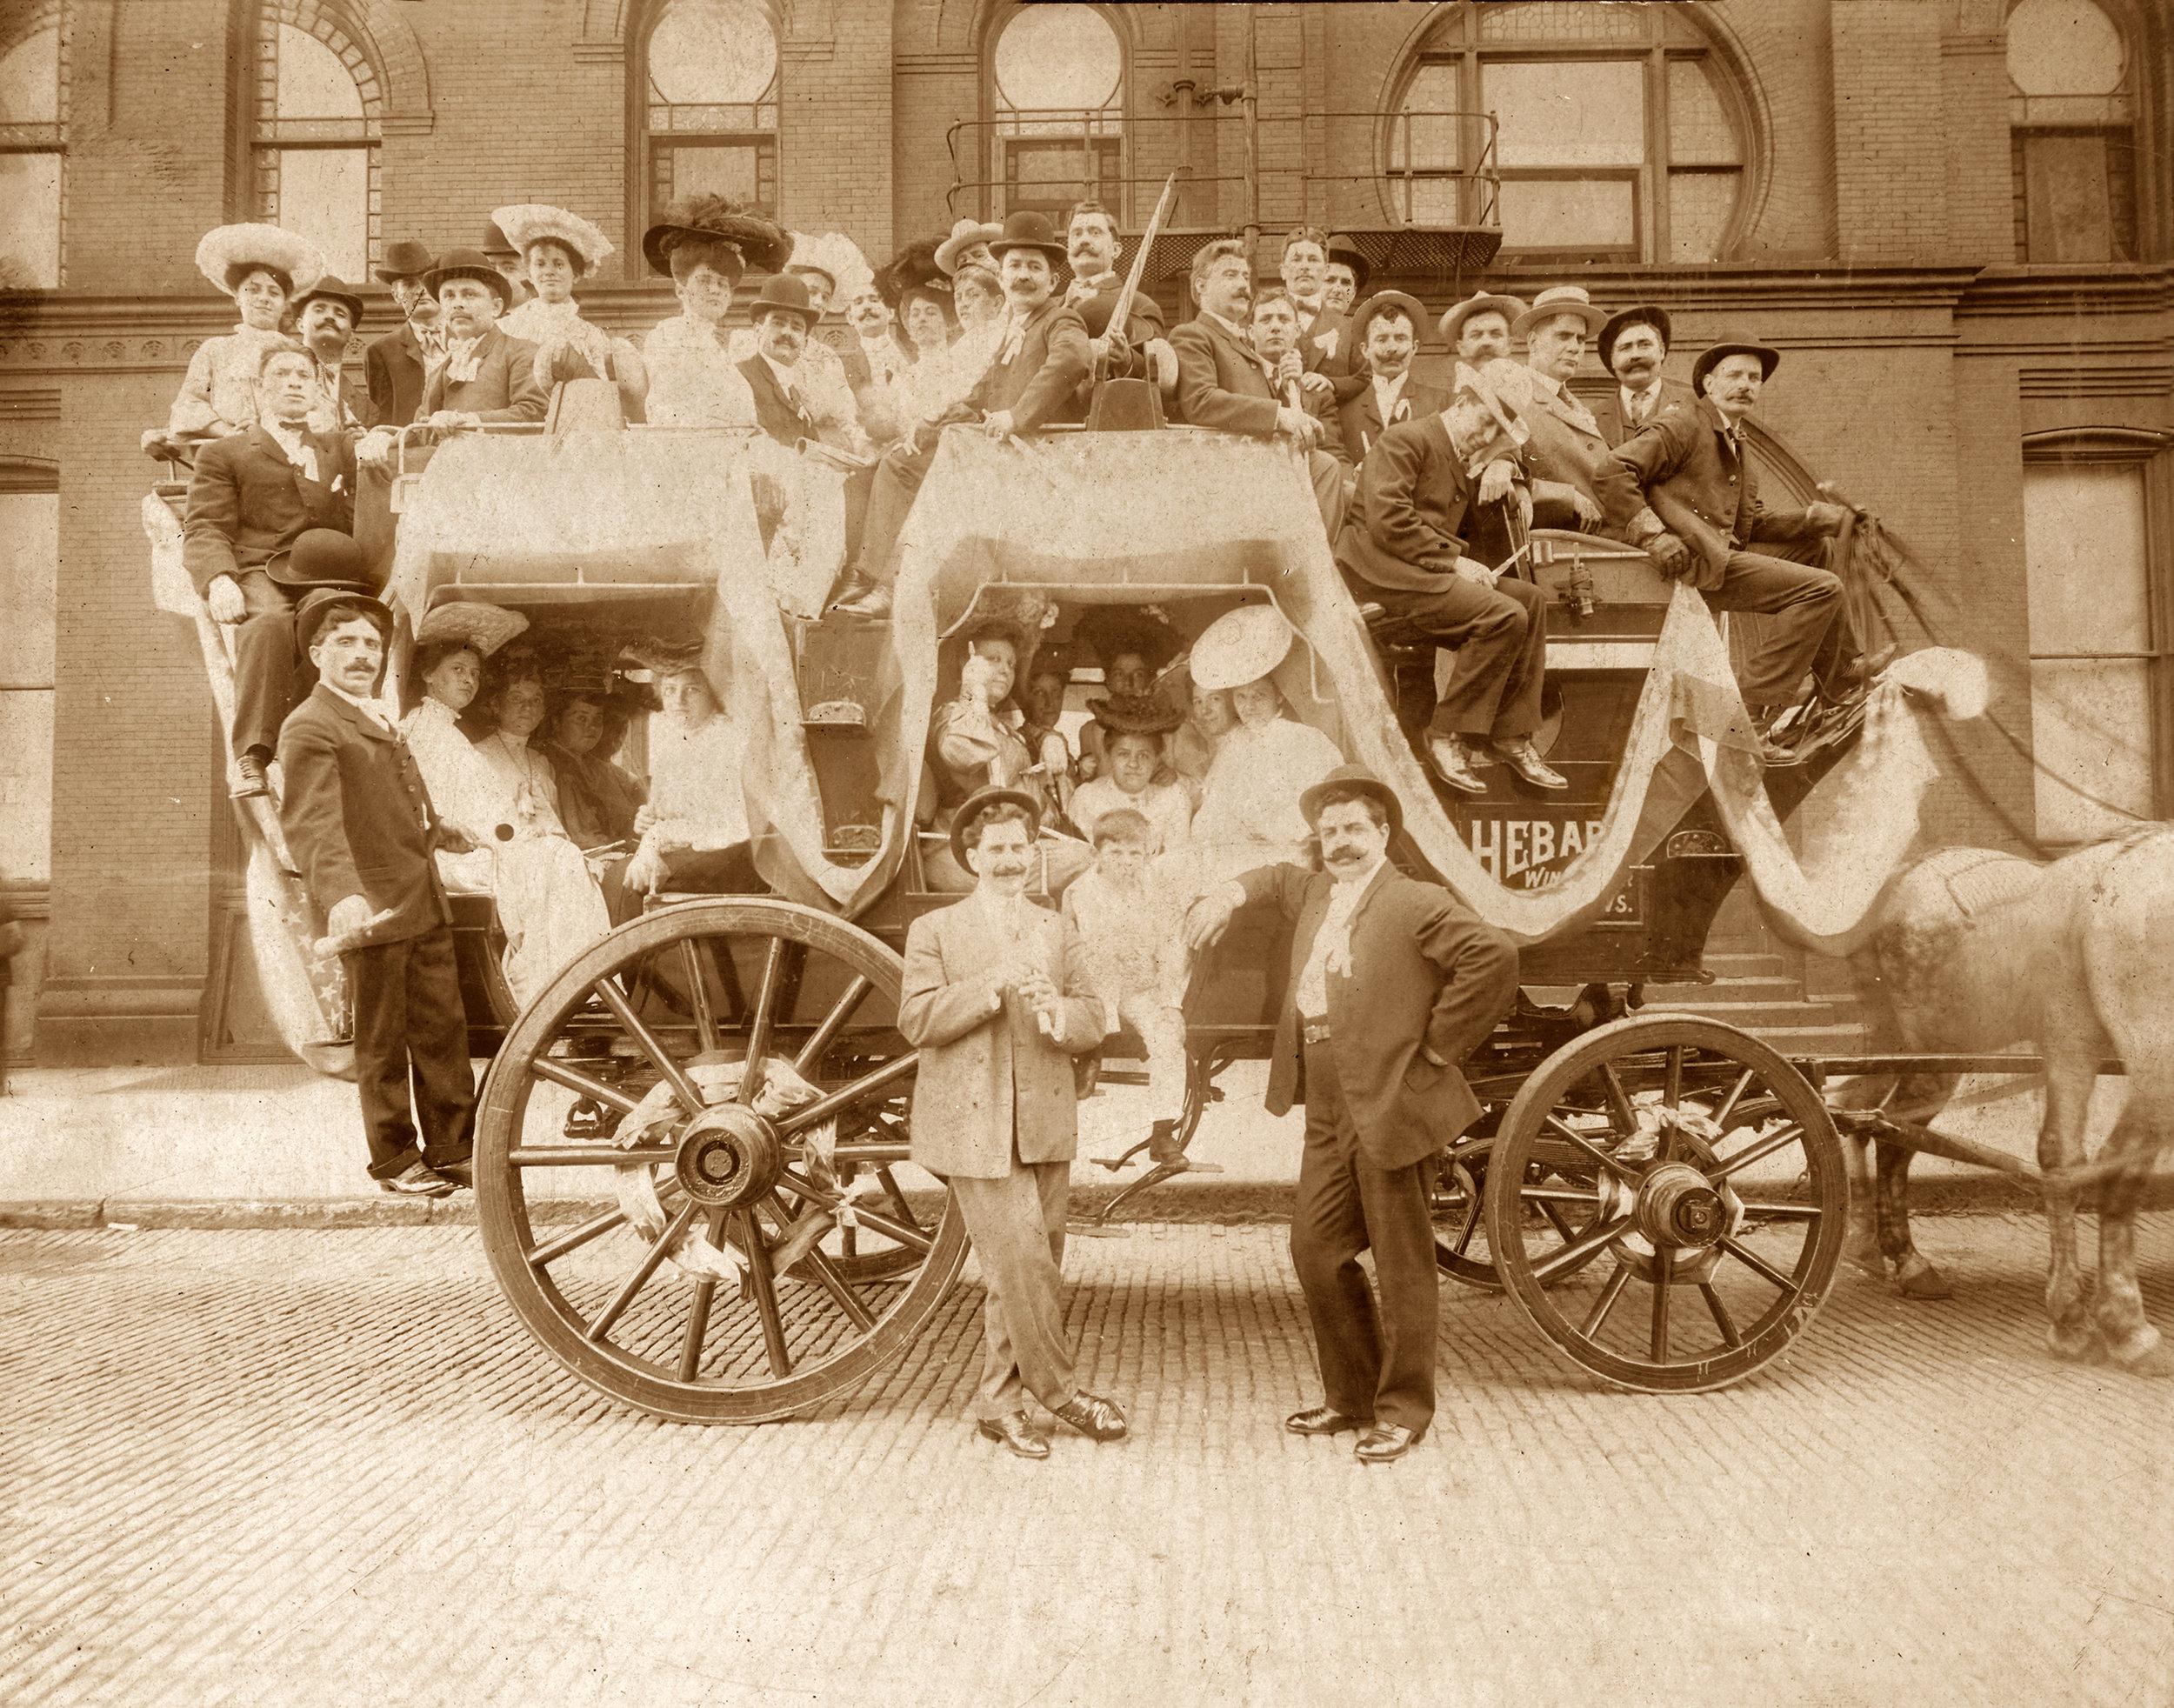 Tally Ho Wagon